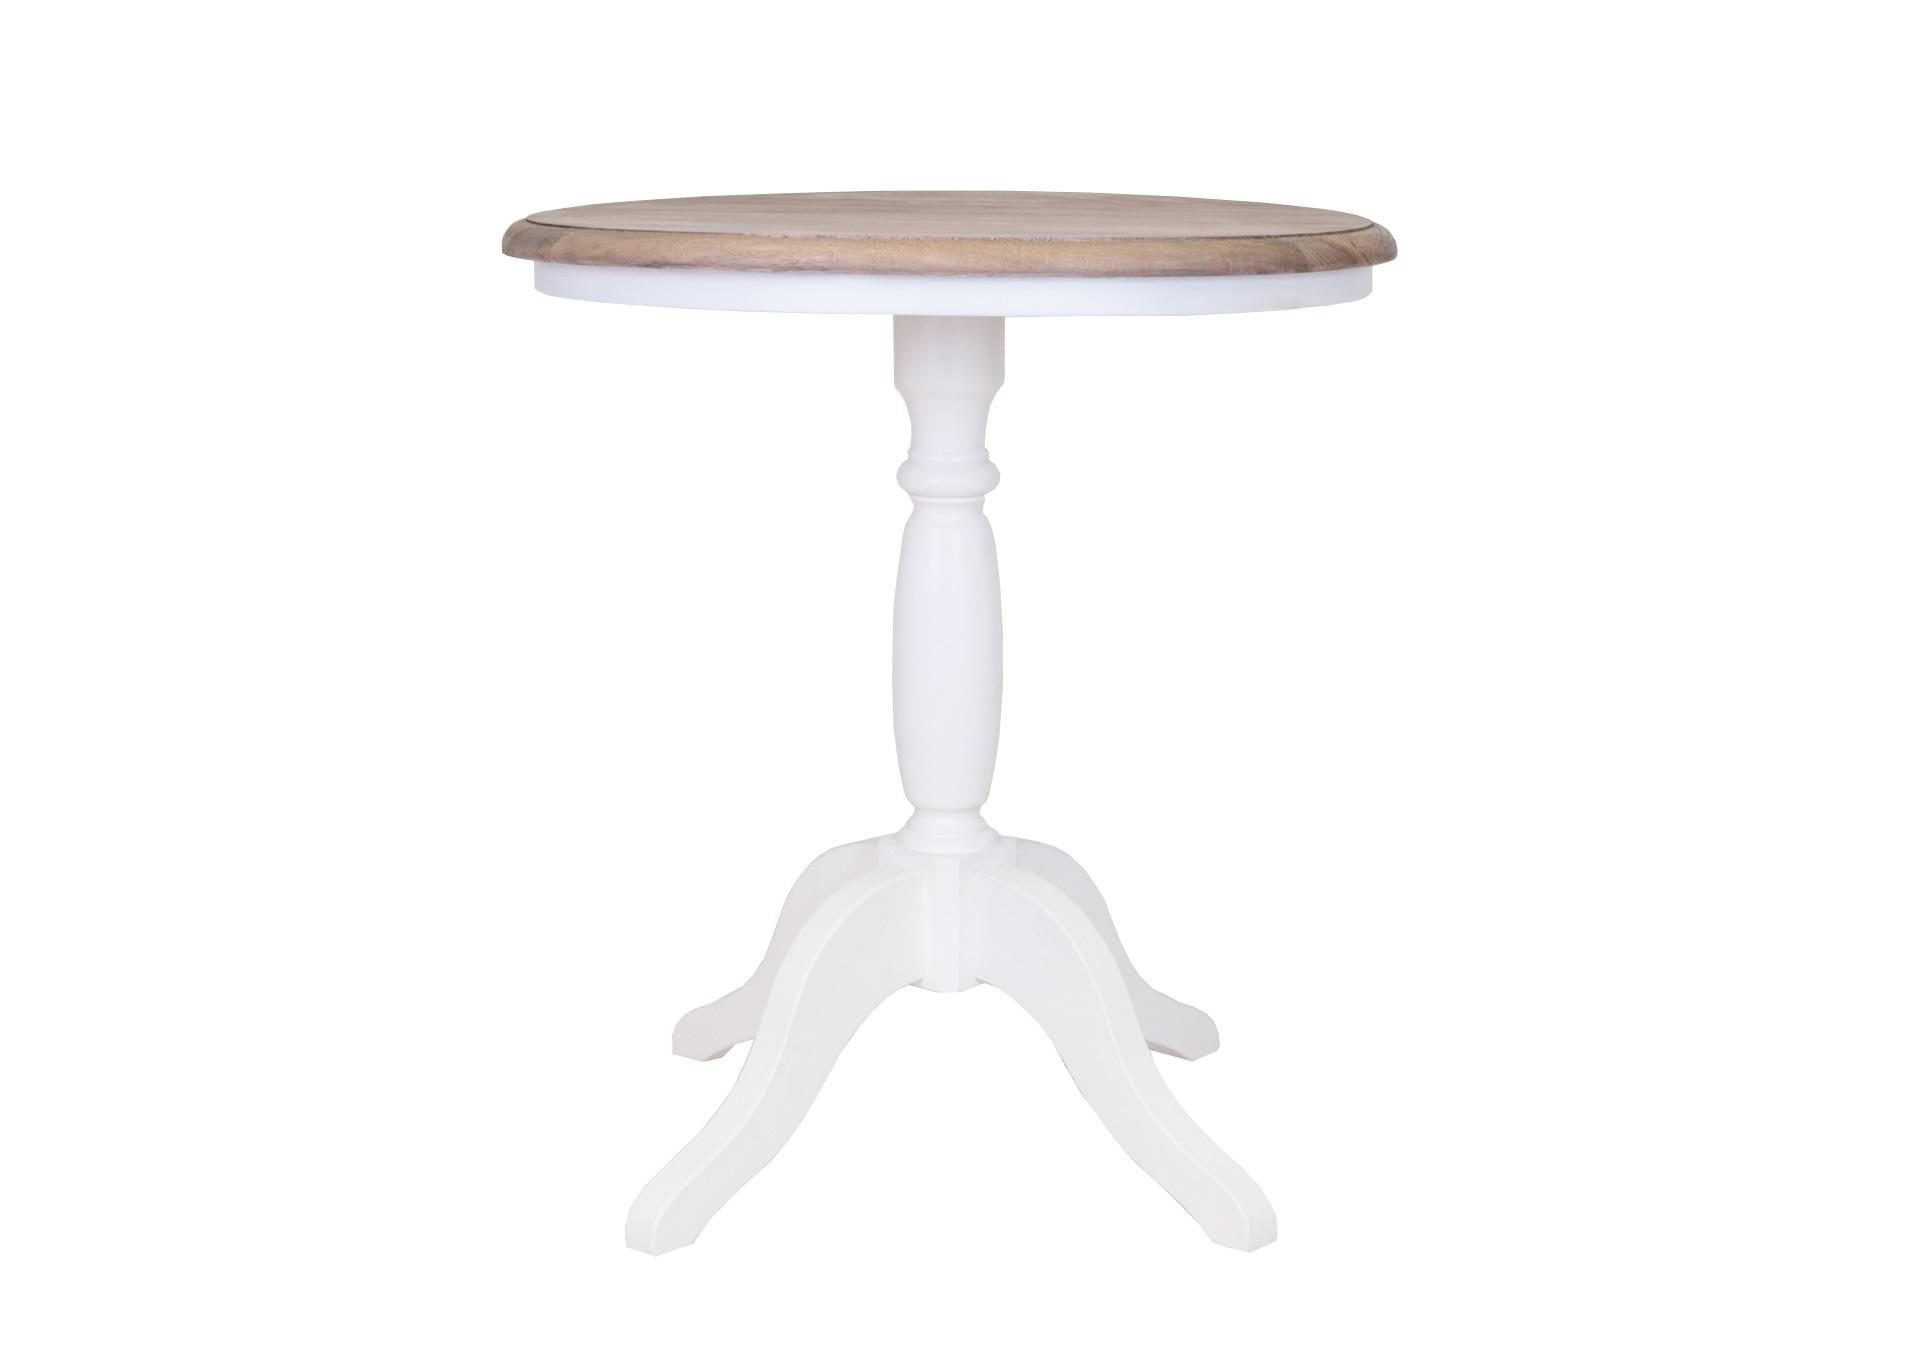 Столик Valent whiteКофейные столики<br>Очаровательный кофейный столик на высоком основании, к которому прикреплены четыре ножки изогнутой формы. Стол Valent выполнен из массива дуба. Он непременно добавит изюминки Вашему интерьеру и подарит ощущение уюта. &amp;amp;nbsp;<br><br>Material: Береза<br>Height см: 68<br>Diameter см: 60